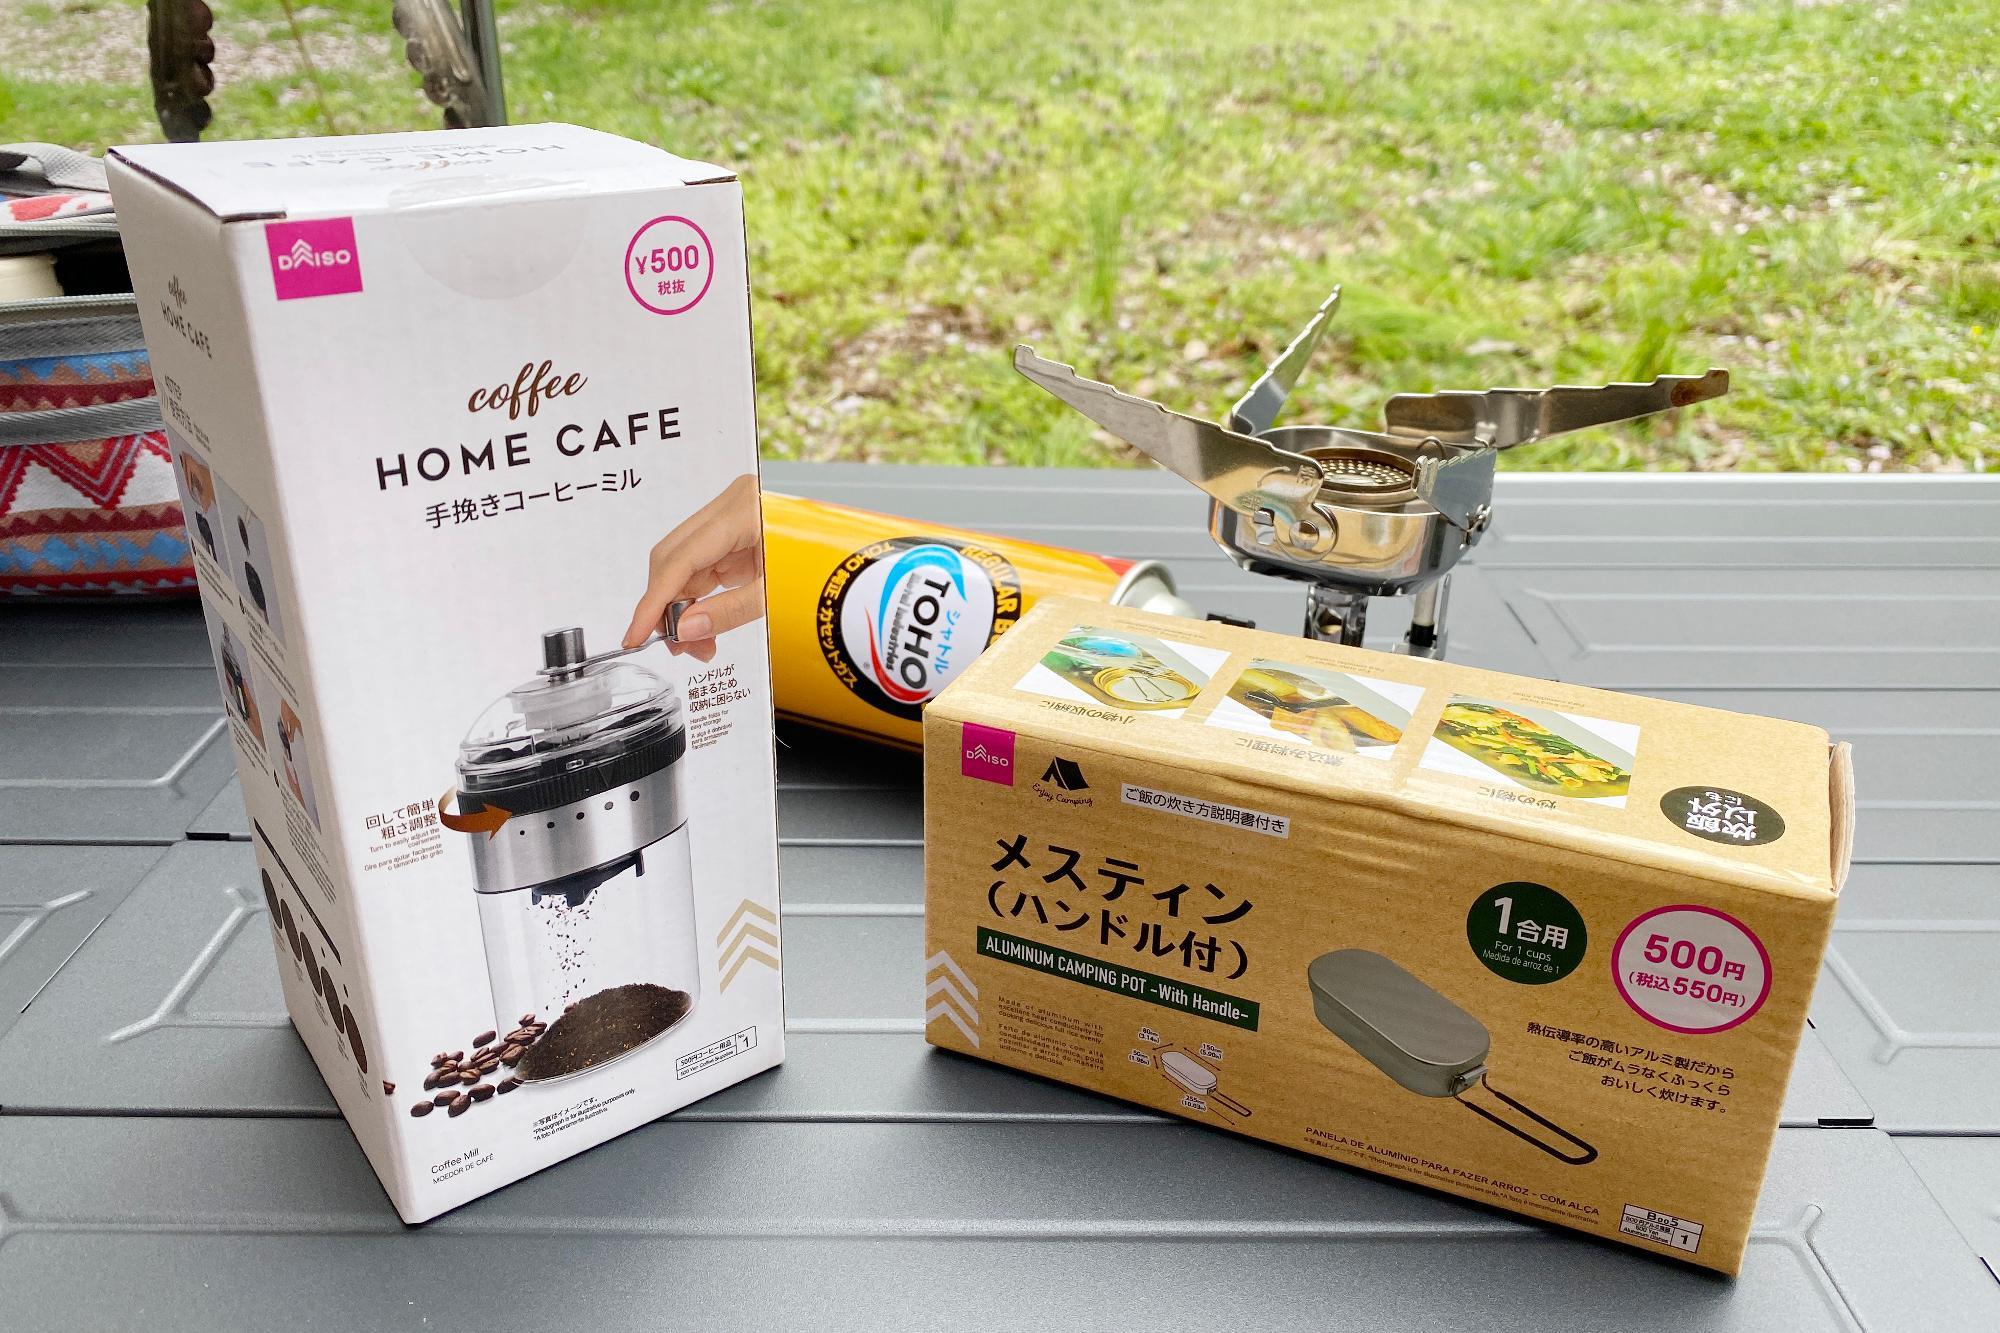 本格的な手挽きコーヒーミルが550円